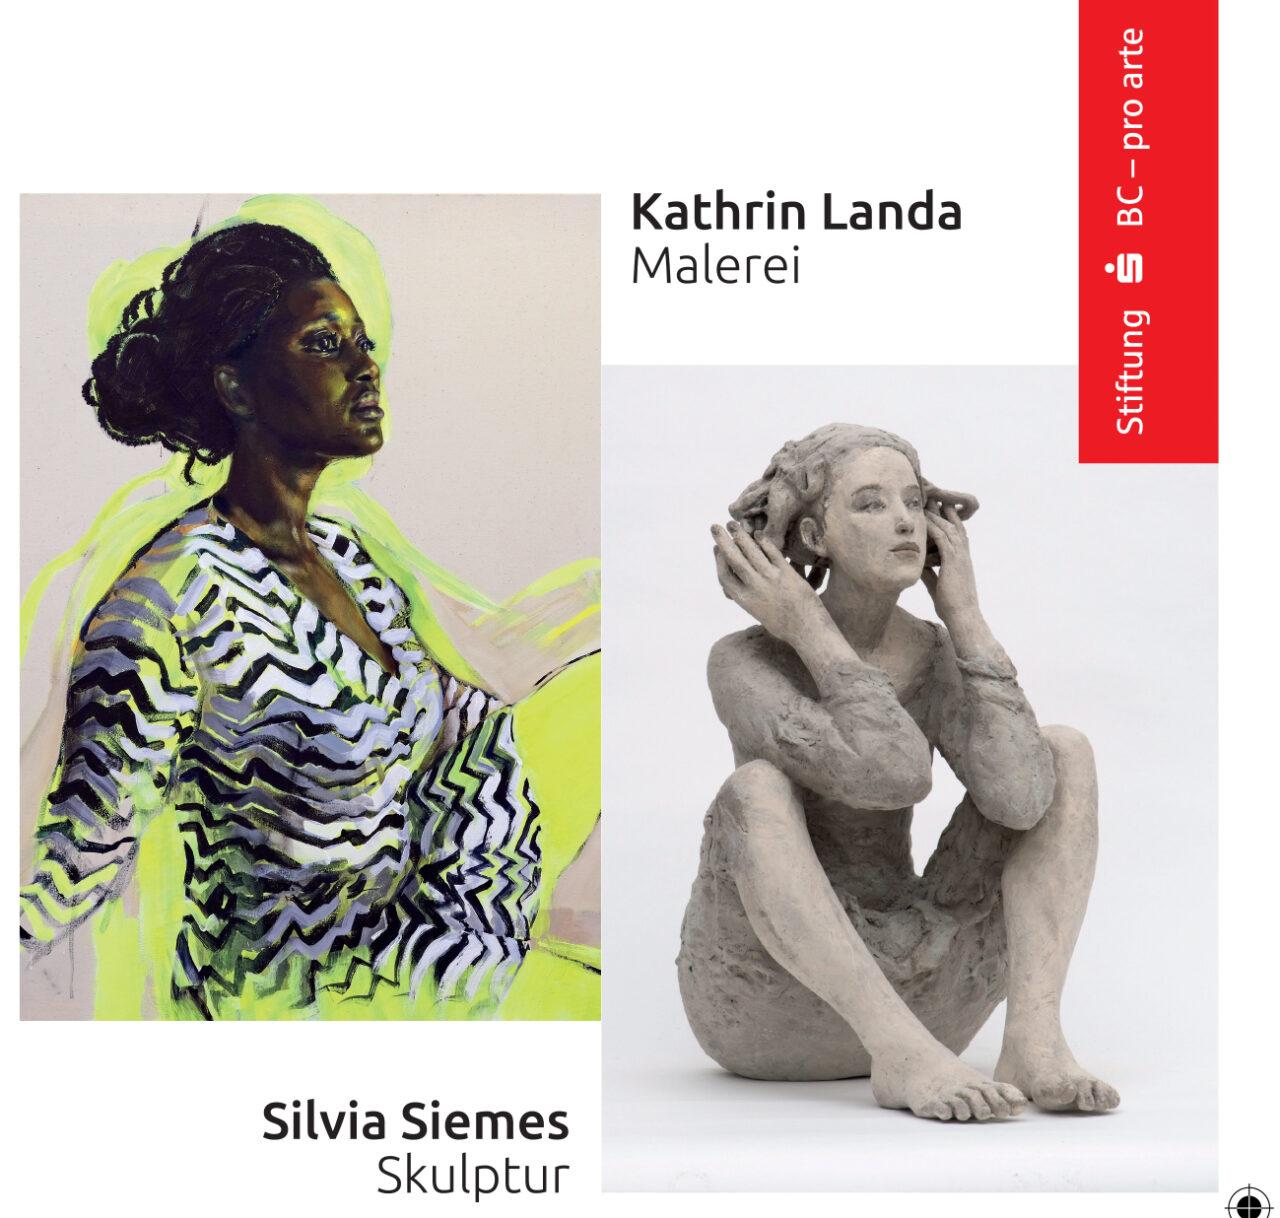 Kathrin Landa und Silvia Siemes